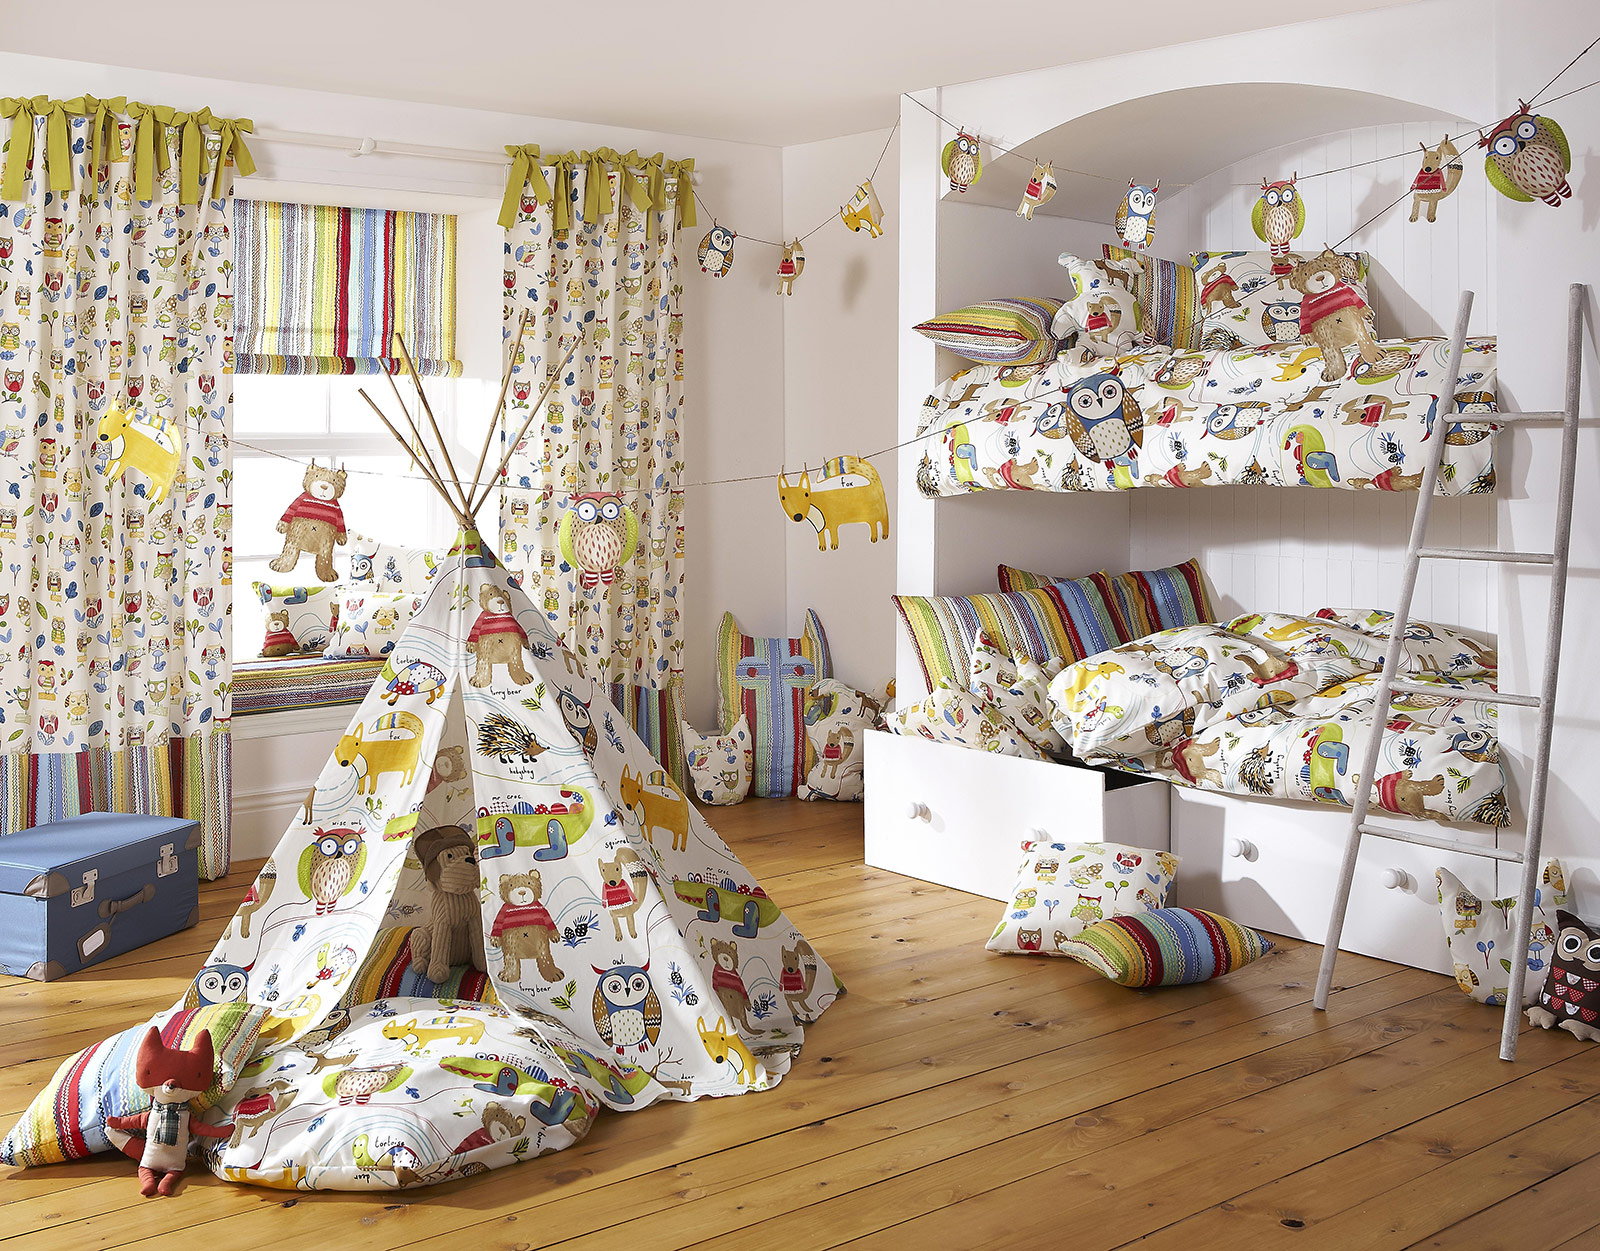 Full Size of Kinderzimmer Gardine Vorhänge Schlafzimmer Regale Wohnzimmer Regal Weiß Küche Sofa Kinderzimmer Kinderzimmer Vorhänge